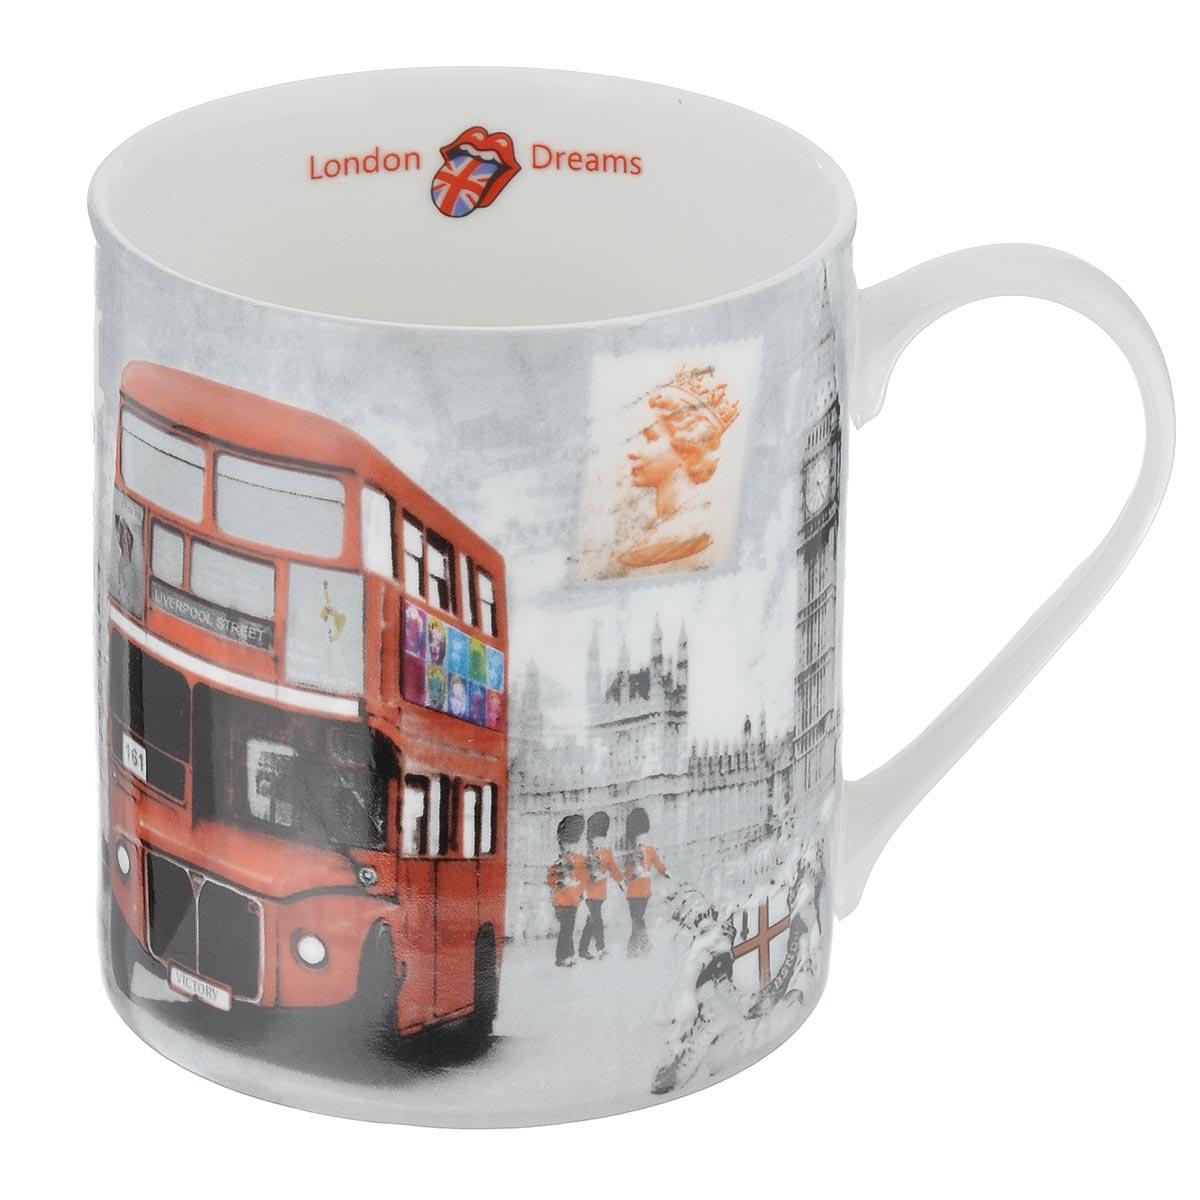 Кружка GiftnHome Лондонский перекресток, 400 мл115510Кружка GiftnHome Лондонский перекресток изготовлена из высококачественного костяного фарфора, покрытого слоем сверкающей глазури. Внешние стенки оформлены красочным изображением двухэтажного автобуса. Внутренняя поверхность декорирована надписью: London Dreams. Кружка отличается высоким качеством и стильным дизайном. Она станет прекрасным подарком к любому случаю. Можно использовать в СВЧ и посудомоечной машине.